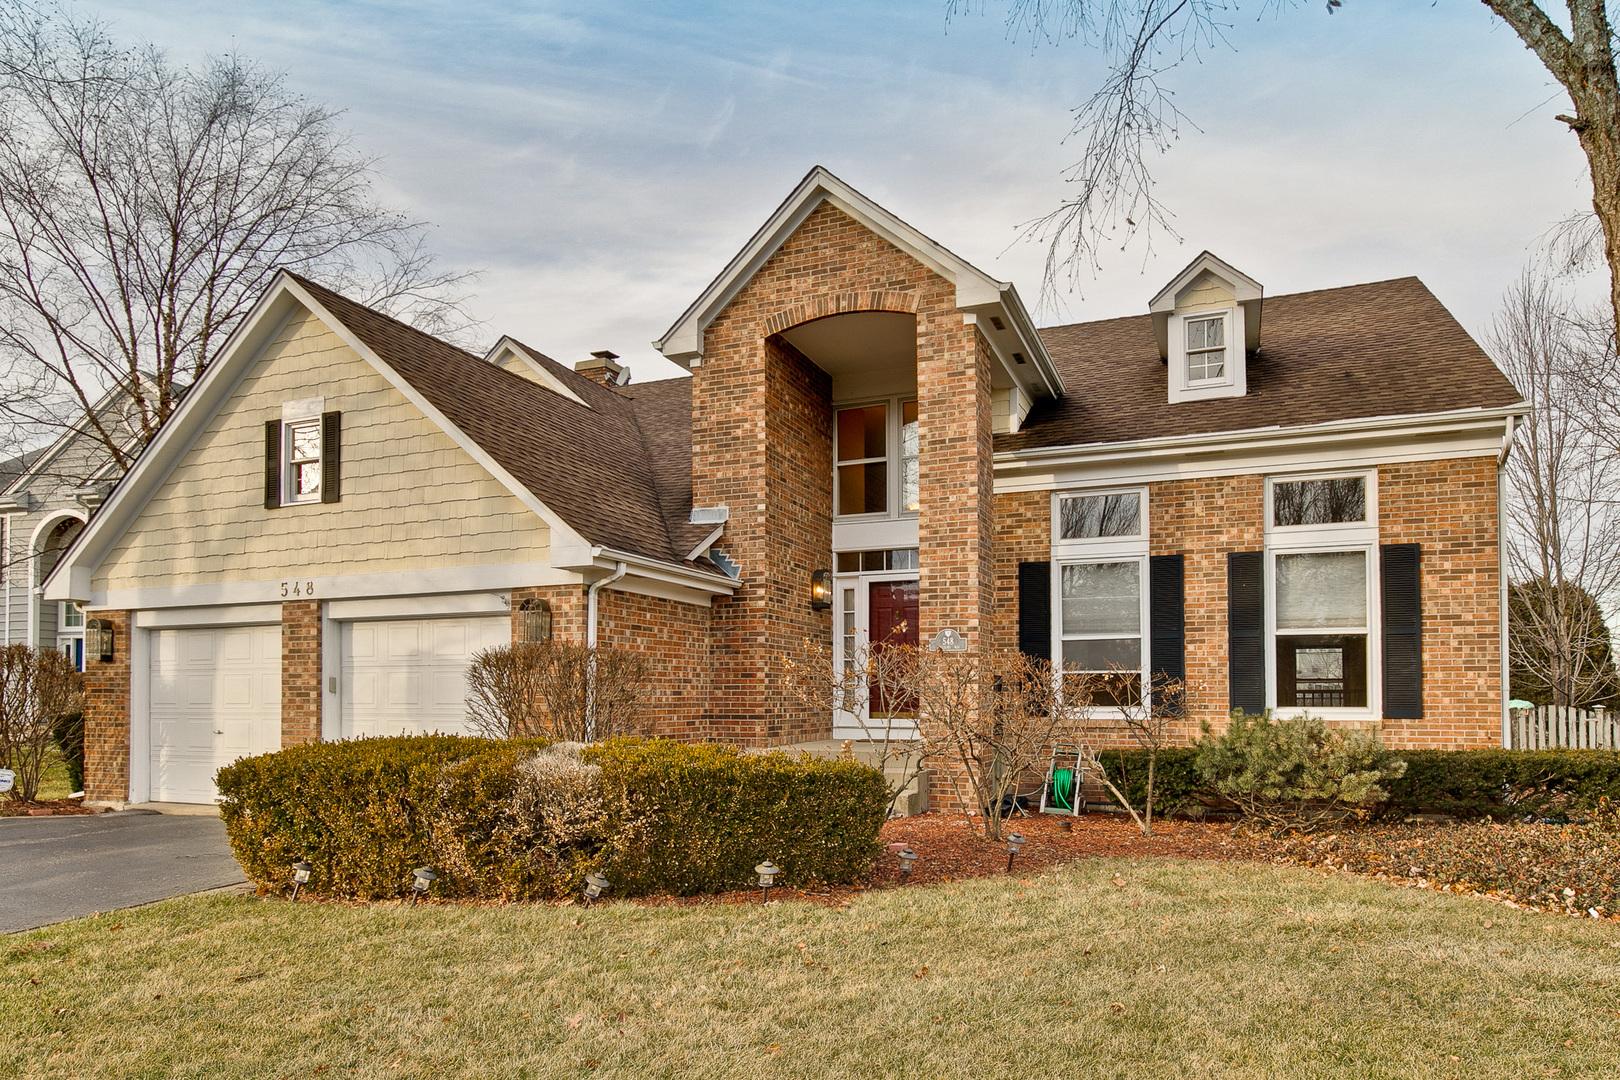 548 Williams, Vernon Hills, Illinois, 60061